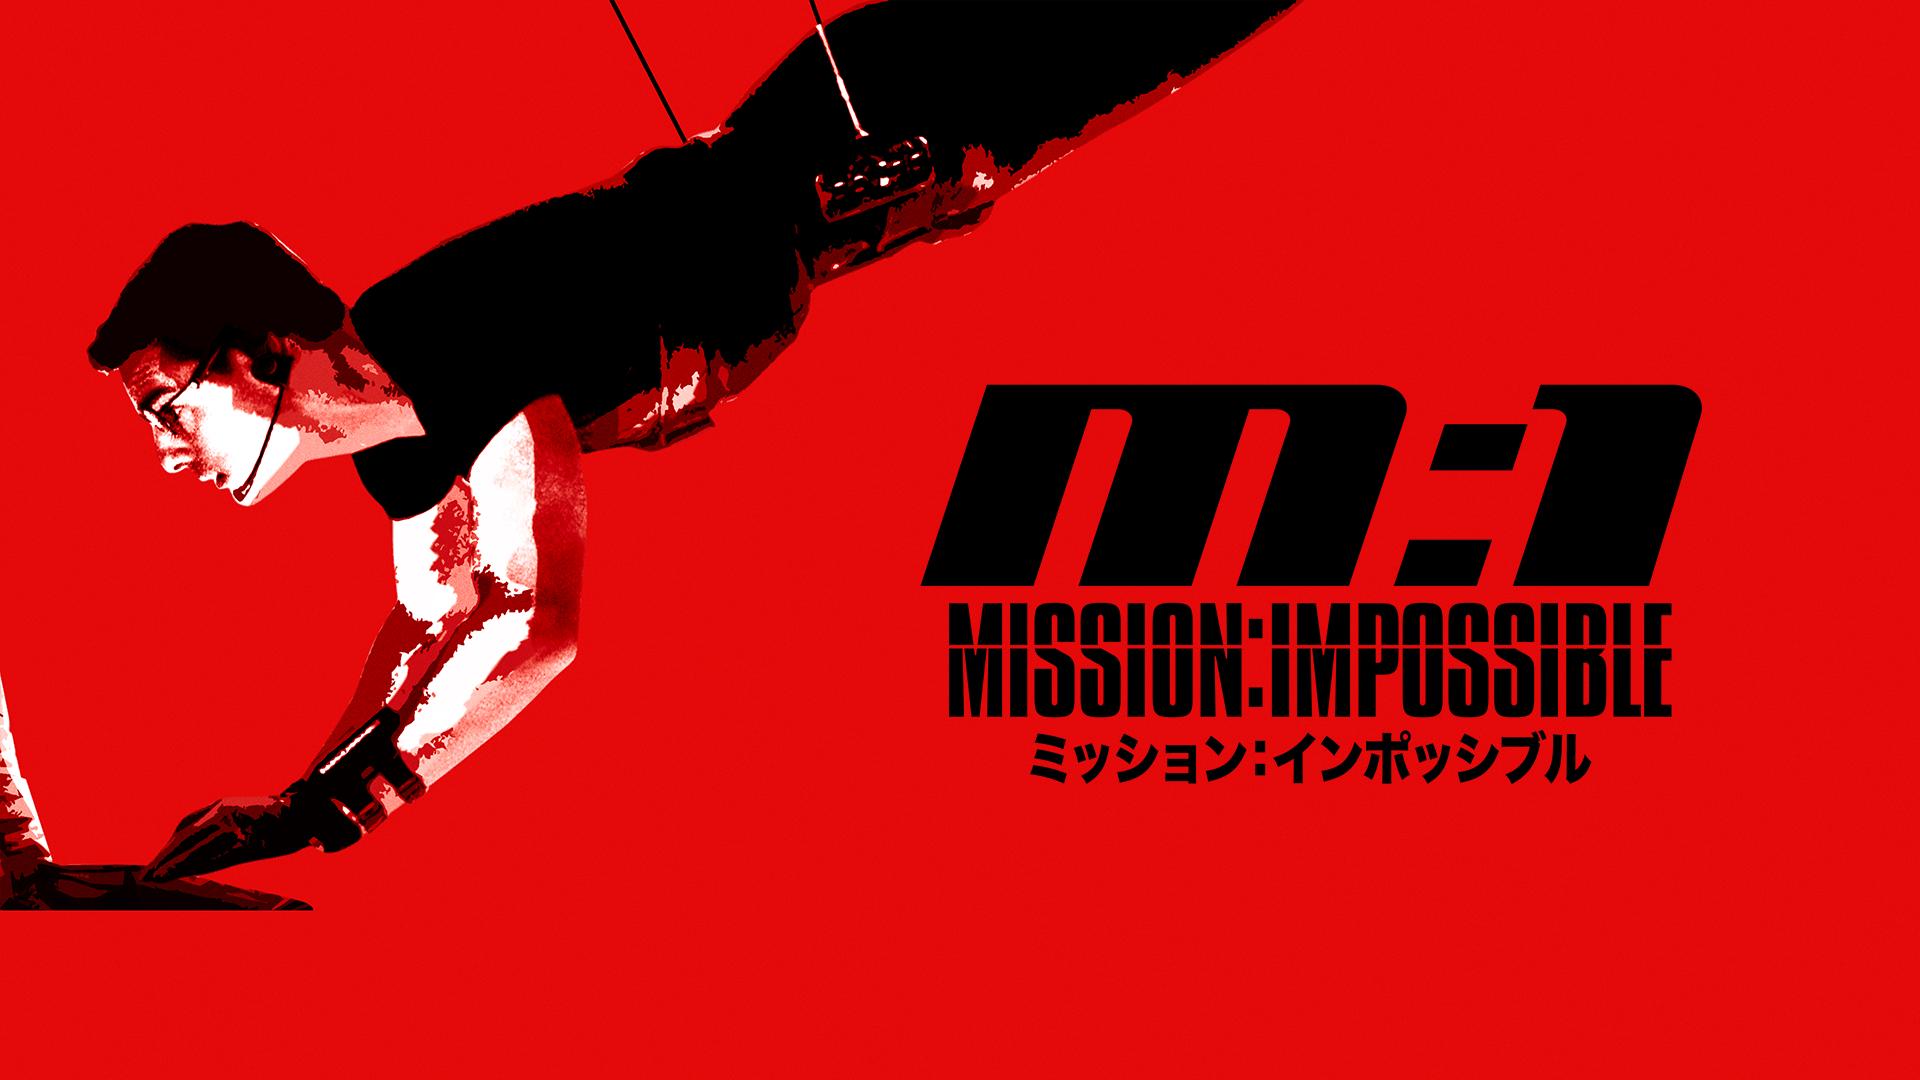 ミッション:インポッシブル1の動画 - ミッション:インポッシブル5/ローグ・ネイション